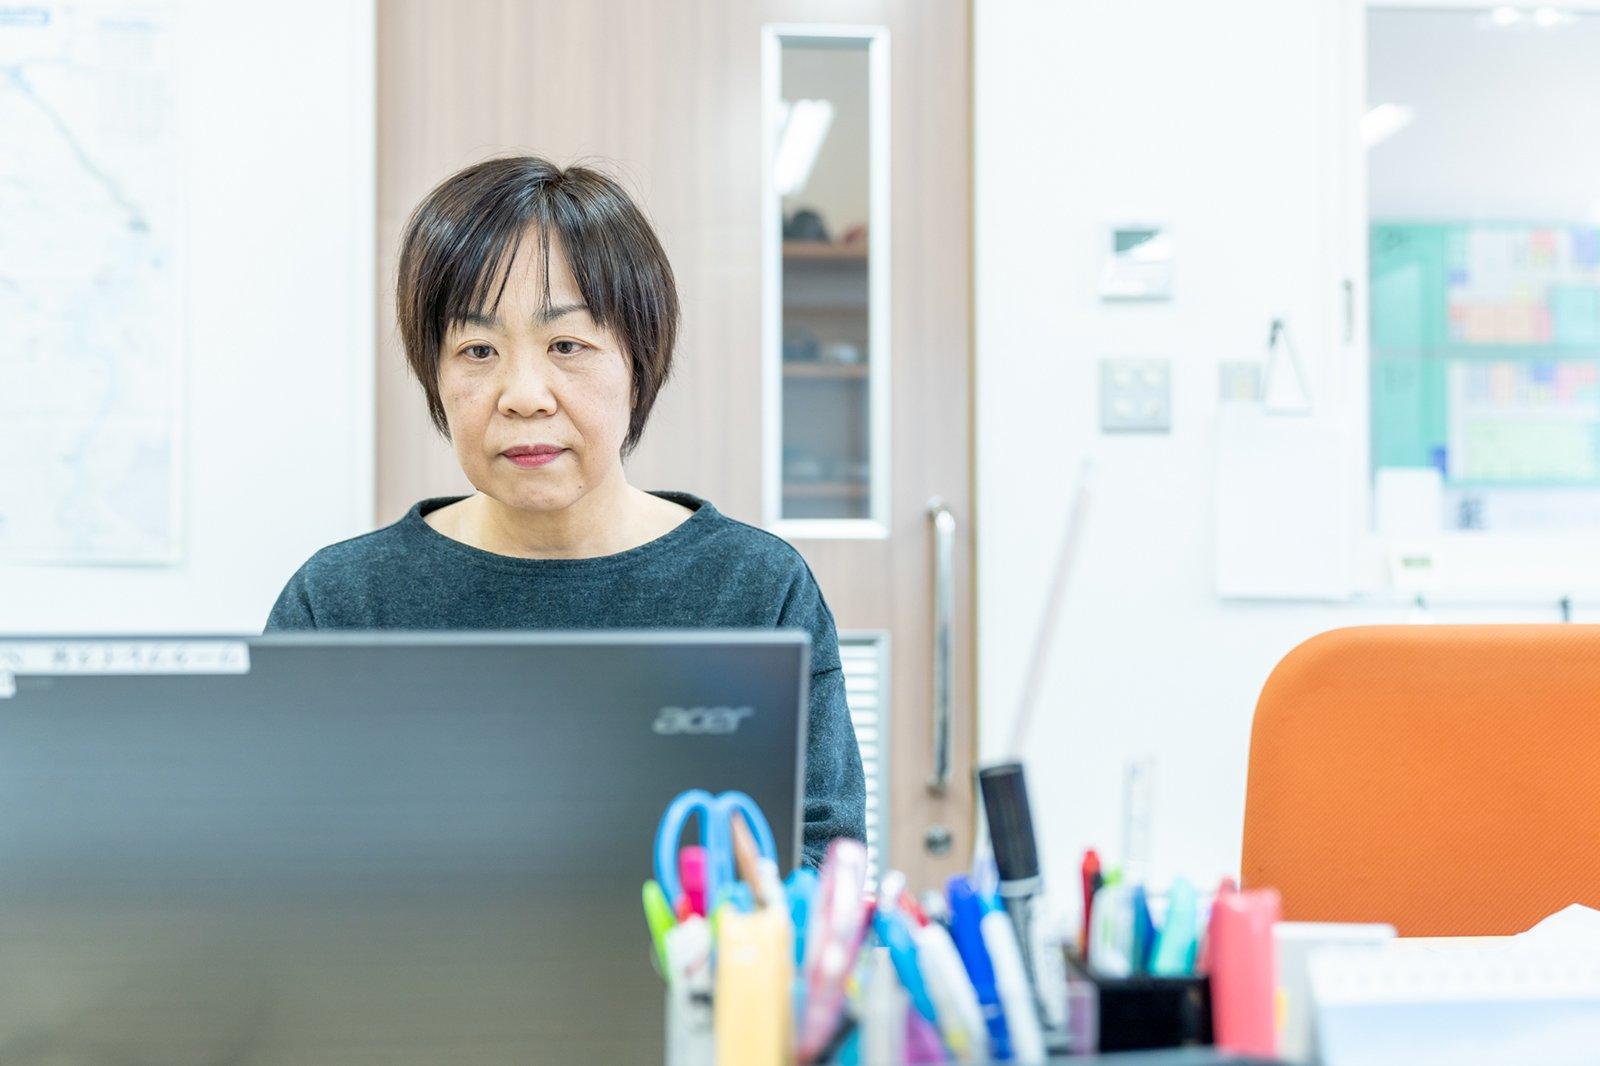 社会福祉法人名張育成会 - 特別養護老人ホーム グランツァ/事務補助(パート職員)